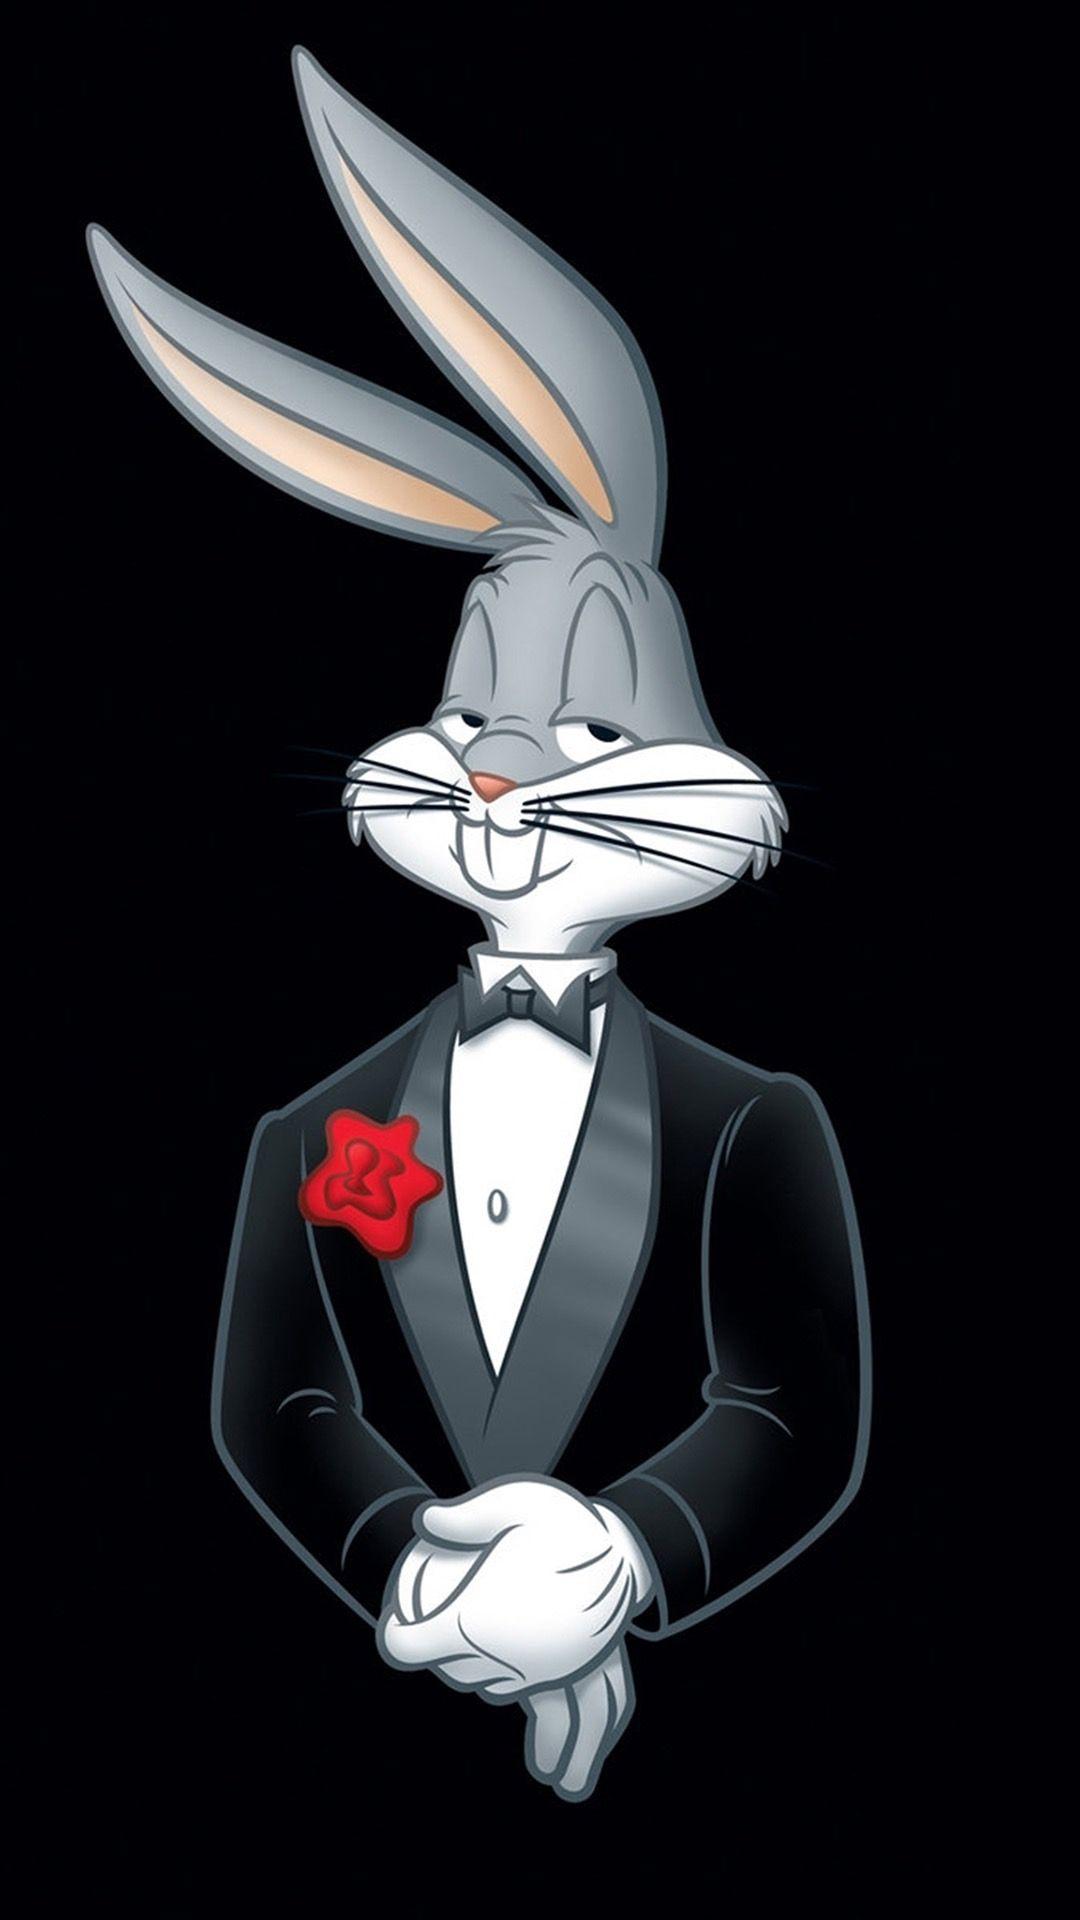 Pin De Pitsmo En Wallpapers Imagenes De Bugs Bunny Bugs Bunny Looney Tunes Personajes